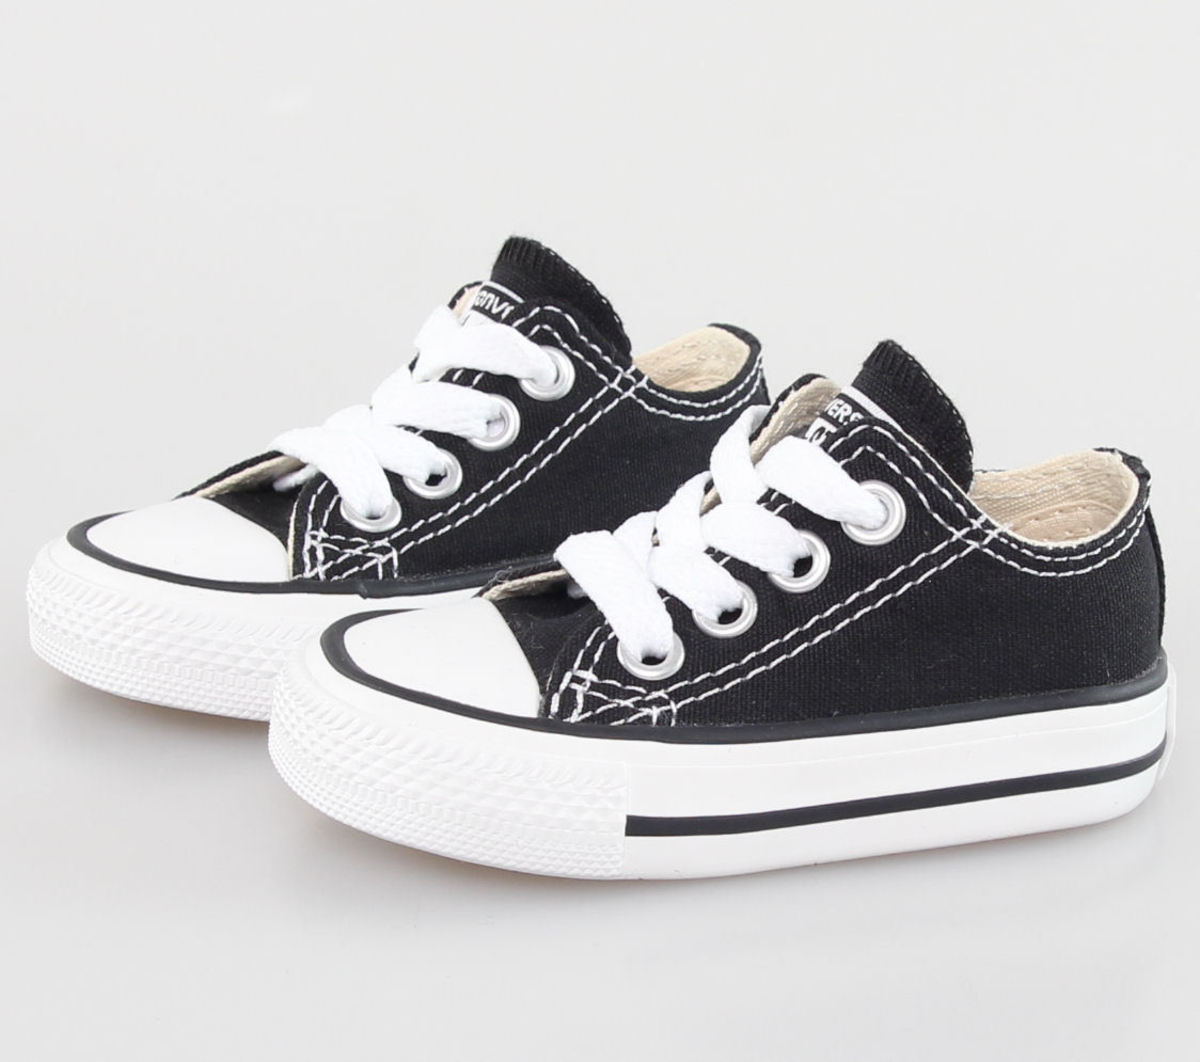 boty dětské CONVERSE - Chuck Taylor All Star - Infants - 7J235